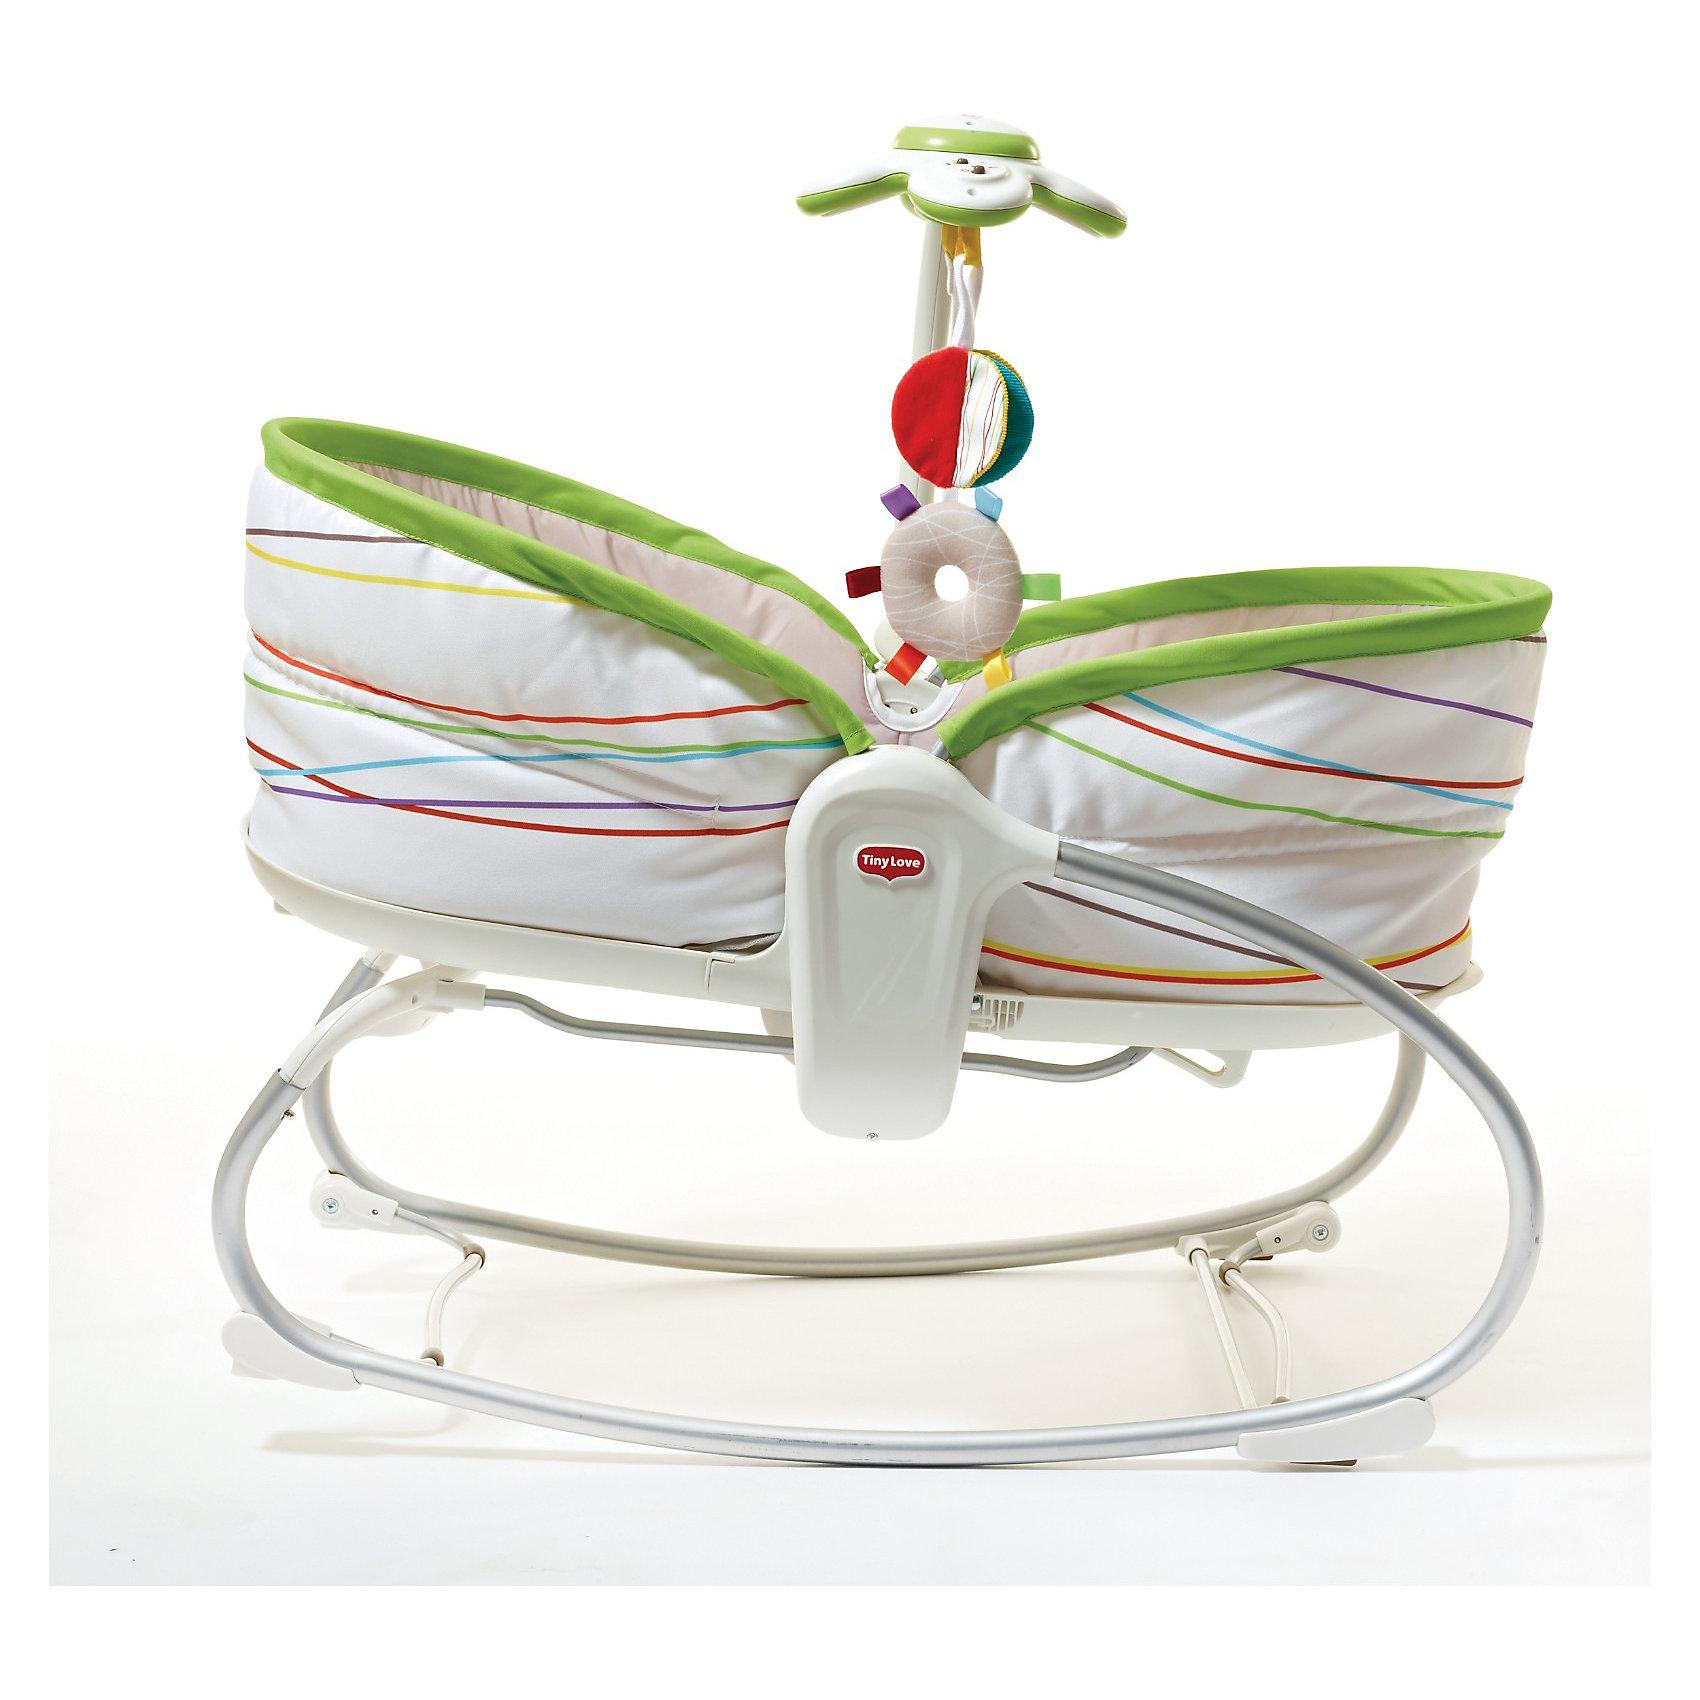 Люлька - баунсер 3 в 1, Сад, Tiny Love (2 поколение)Идеи подарков<br>Люлька - баунсер 3 в 1, Сад, Tiny Love (Тини Лав) - это интерактивный электронный мобиль, работающий в режиме развлечения и убаюкивания, 7 вариантов мелодий.<br>Очаровательные игрушки-подвески: шуршалка в виде улитки и зеркало в виде цветка.<br>Уровень наклона кресла можно регулировать в 3 положениях (смена положения одной рукой).<br>Устройство вибрации (не входящее в резонанс с биологическими ритмами человека, не  вызывает расстройства вестибулярного аппарата и не может вызвать привыкания).<br>Возможность отключения вибрации.<br>Мягкая ткань подкладки обеспечивает комфорт Вашего малыша.<br>Жесткий ортопедический двусторонний матрас.<br>Противоскользящие ножки.<br>Мягкий чехол и ремни безопасности.<br><br>Дополнительной функцией данного кресла является механическая люлька, которая позволит маме по-старинке укачивать малыша, а специальные стопперы и регулятор высоты кресла позволят зафиксировать его как в положение полулежа так, и превратить в уютную колыбельку для малыша.<br><br>Инновация 2 поколения:<br>Внешняя сторона капора люльки выполнена из материла с силиконовой пропиткой – экологически чистым антистатиком – не притягивает пыль и грязь.<br>В борт защитного капора встроен ионизированный древесно-уголный фильтр, который призван очищать и обеззараживать воздух в колыбели<br><br>Дополнительная информация:<br><br>Нагрузка  18 кг – усиленный профиль рамы.<br>В комплект входит: <br>кресло в сборе - 1 шт.,<br>съемный  элемент с  электронной игрушкой - 1 шт.,<br>погремушка - 2 шт.,<br>инструкция - 1 шт.<br>Внутренние размеры люльки 70х35 см<br>Требуются батарейки: 3 шт. категории ААА, 1 шт. тип С.<br><br>Люльку - баунсер 3 в 1, Сад, Tiny Love (Тини Лав) можно купить в нашем магазине.<br><br>Ширина мм: 640<br>Глубина мм: 180<br>Высота мм: 440<br>Вес г: 6000<br>Возраст от месяцев: 0<br>Возраст до месяцев: 24<br>Пол: Унисекс<br>Возраст: Детский<br>SKU: 3360858